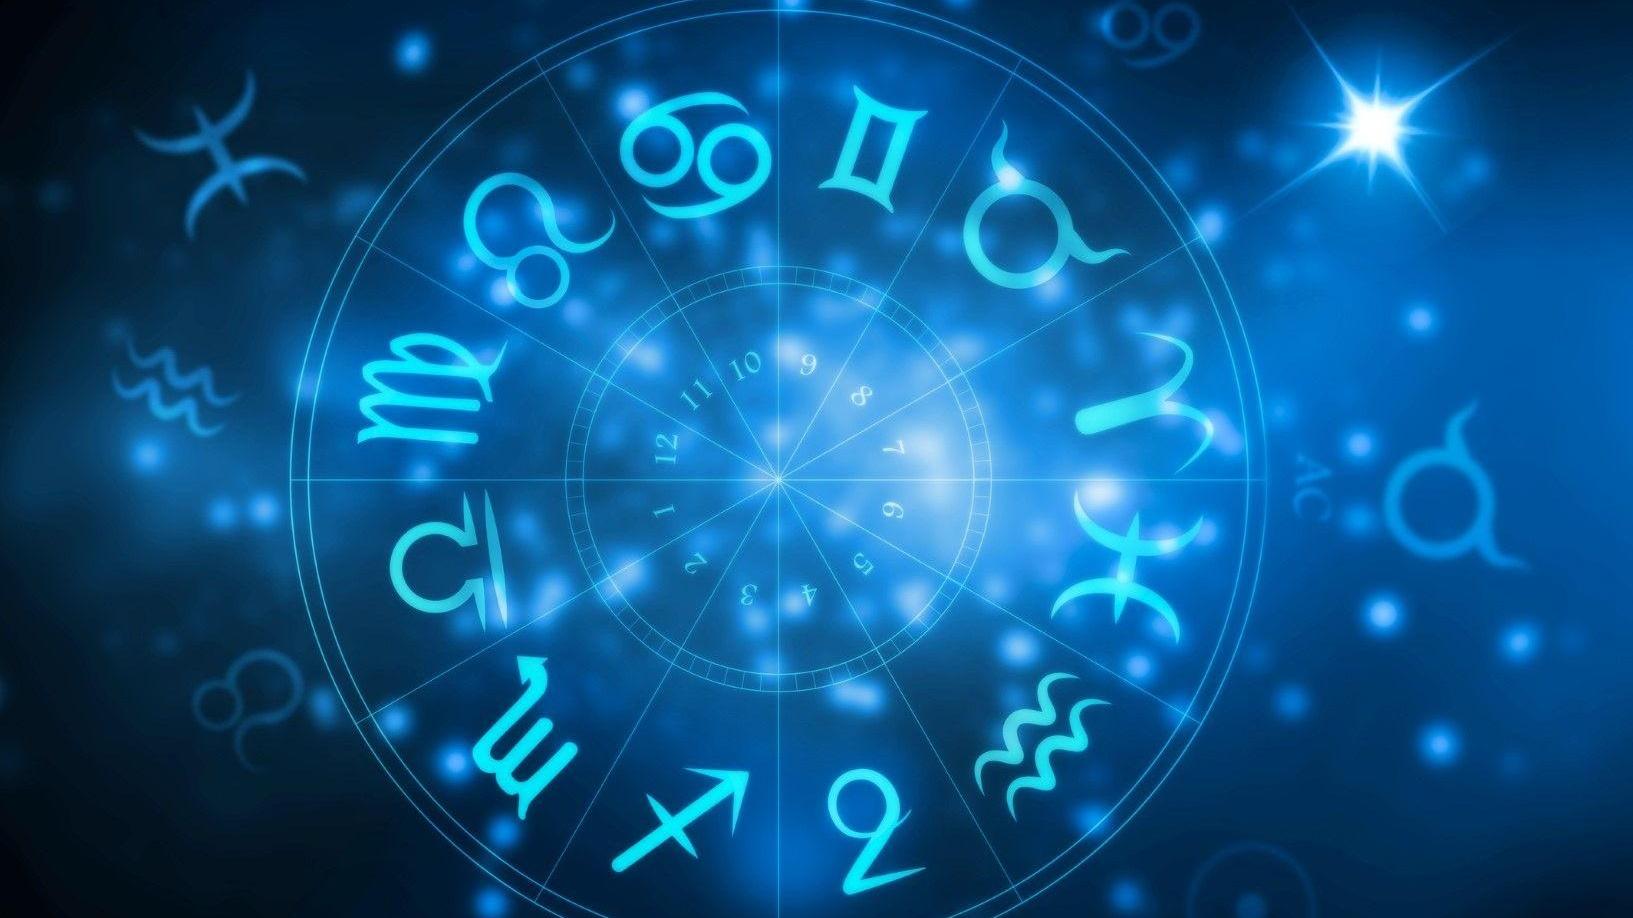 Oroscopo: Previsioni segno per segno dal 4 al 10 marzo